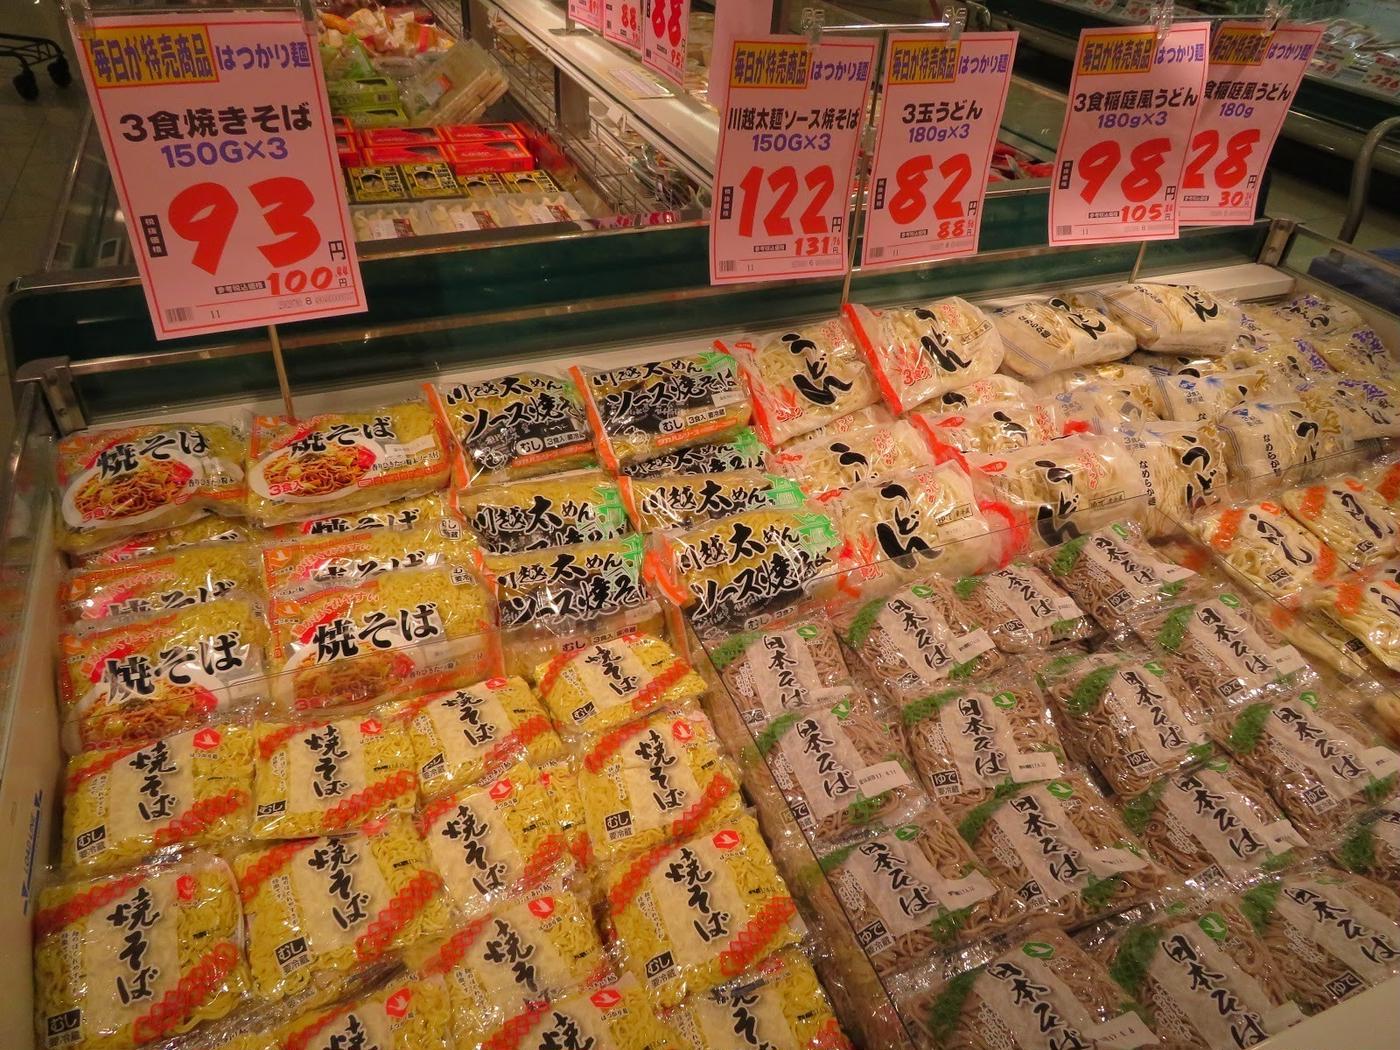 ロヂャースマート-はつかり麺